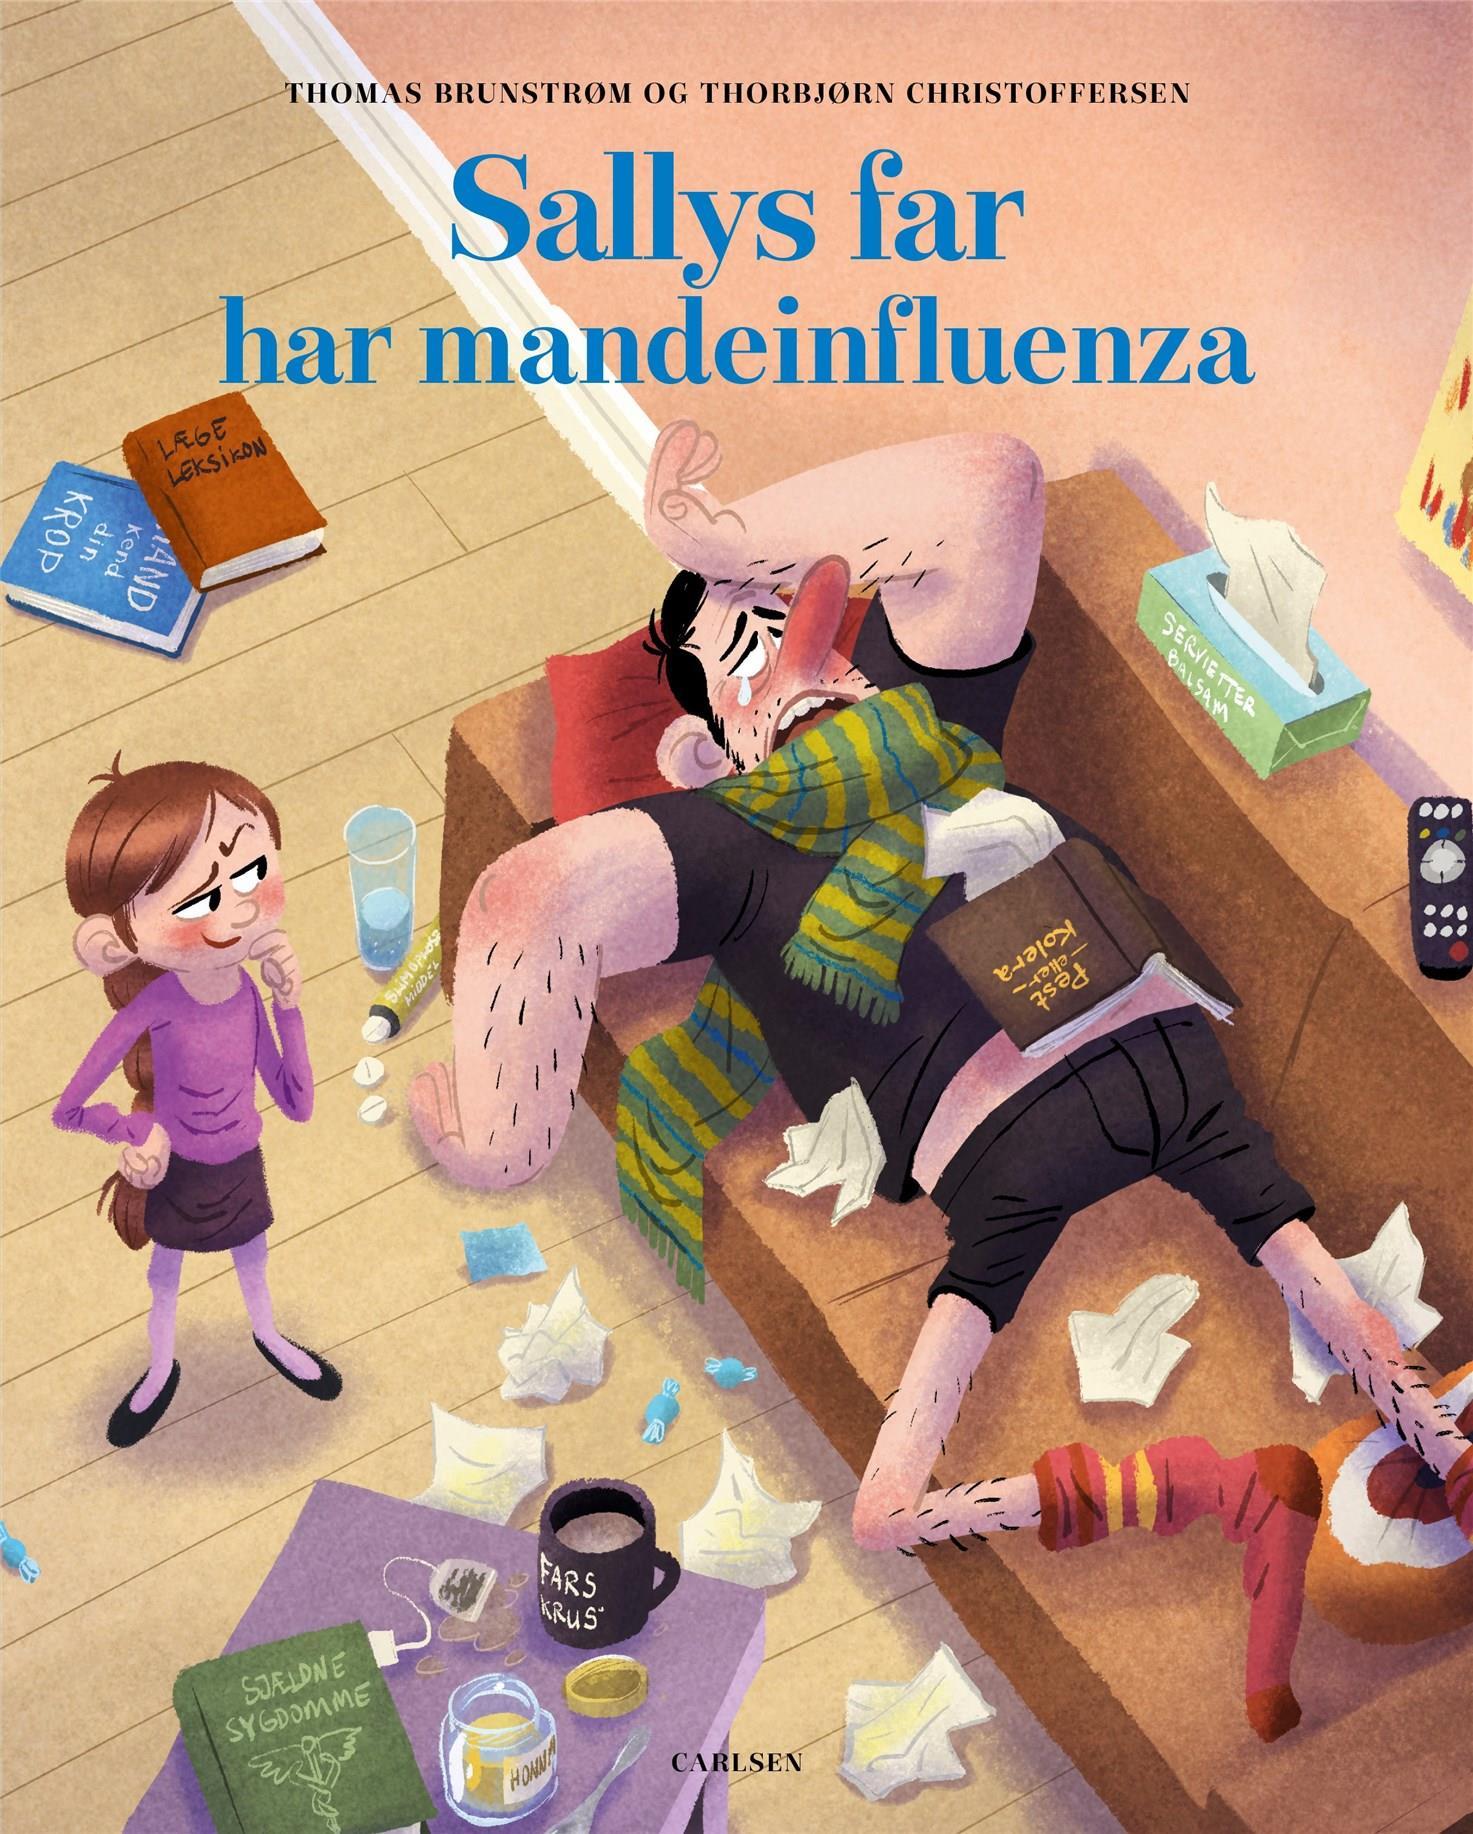 Sallys far har mandeinfluenza - Thomas Brunstrøm; Thorbjørn Christoffersen - Bøger - CARLSEN - 9788711912522 - 18/8-2020